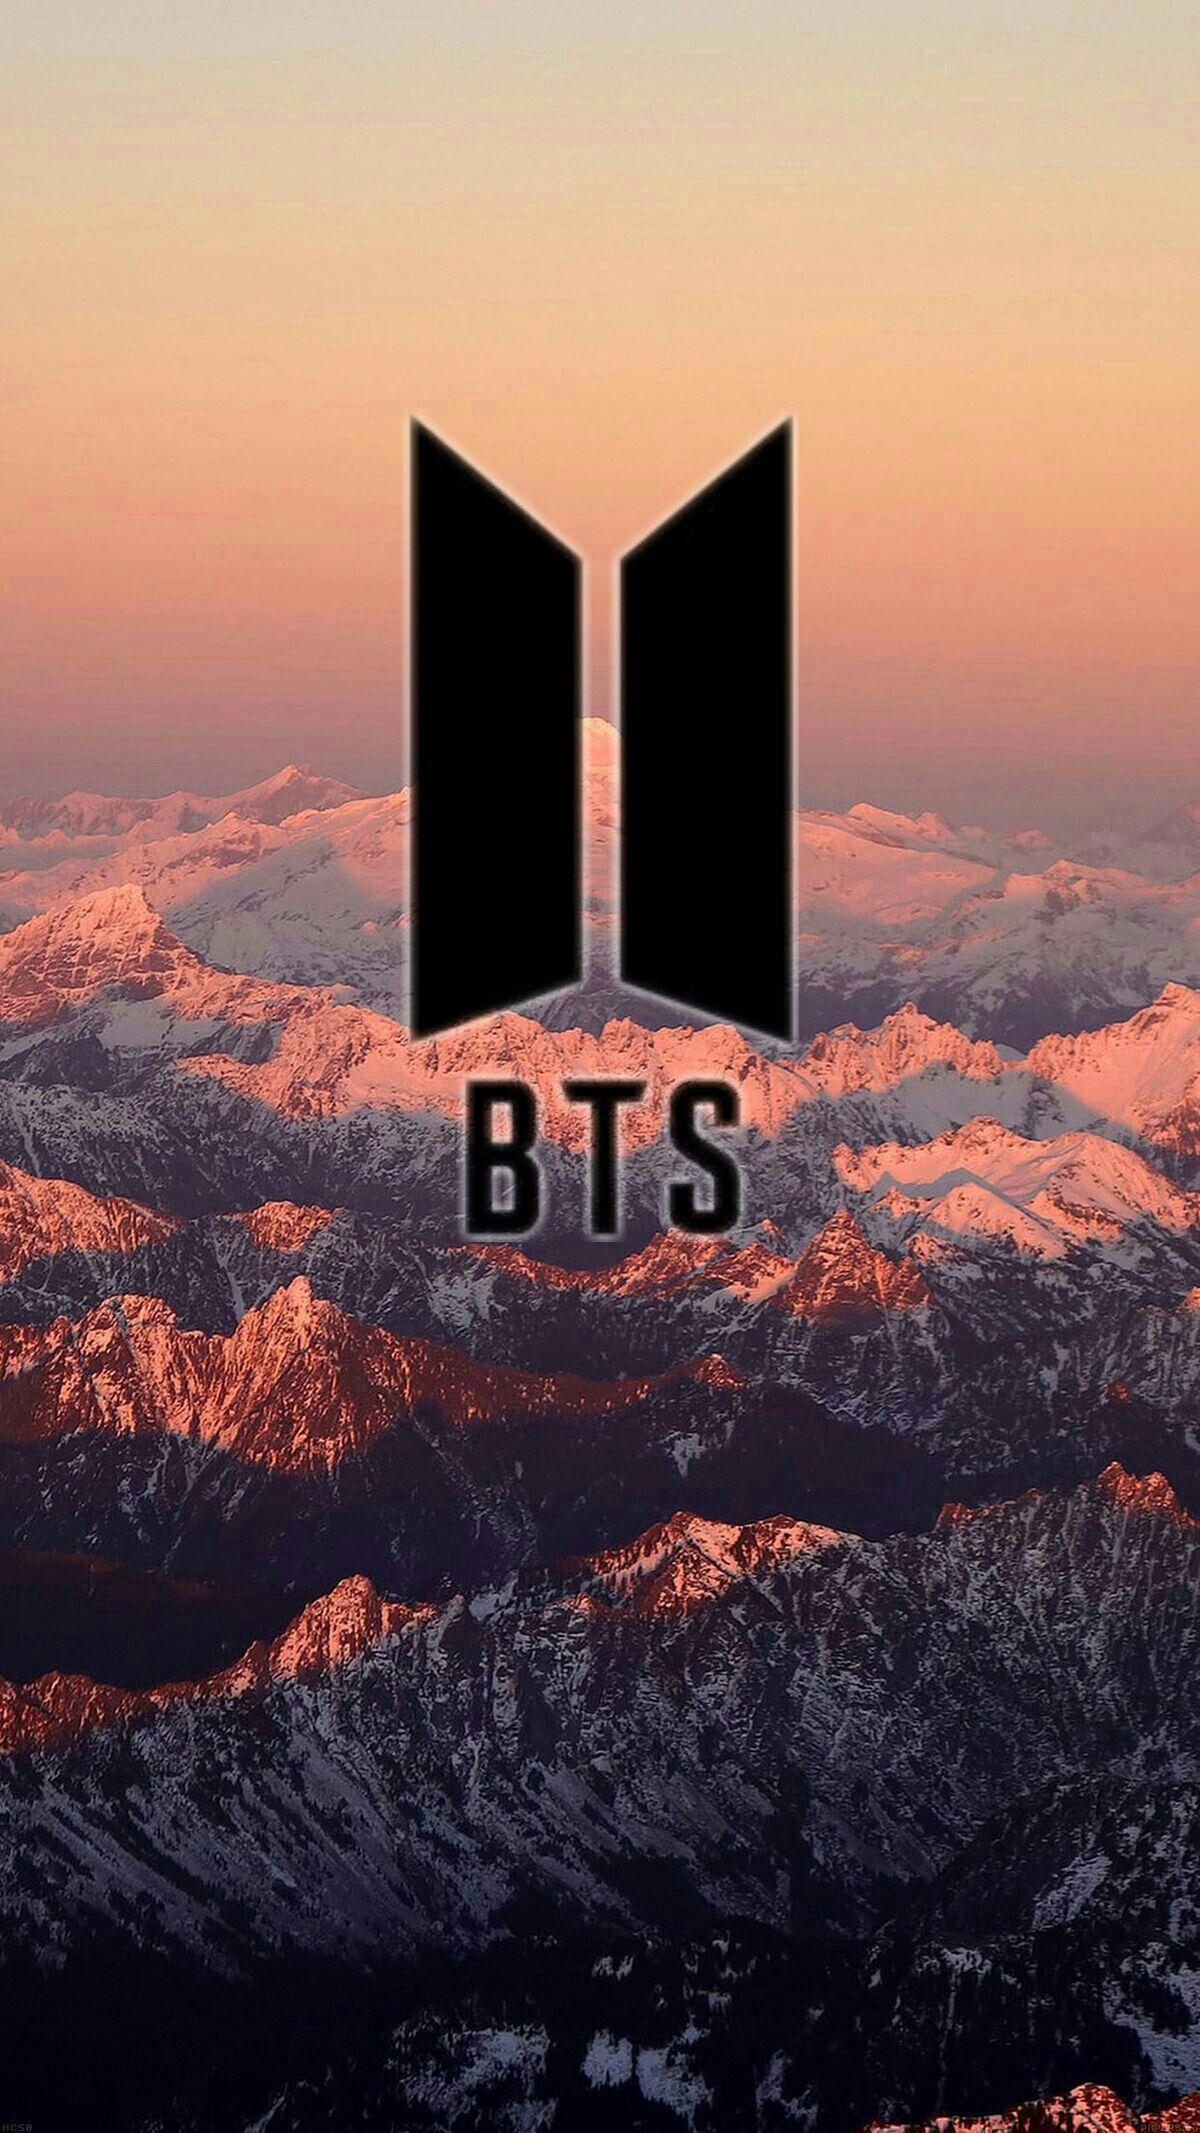 Ảnh logo BTS nền núi non hùng vĩ